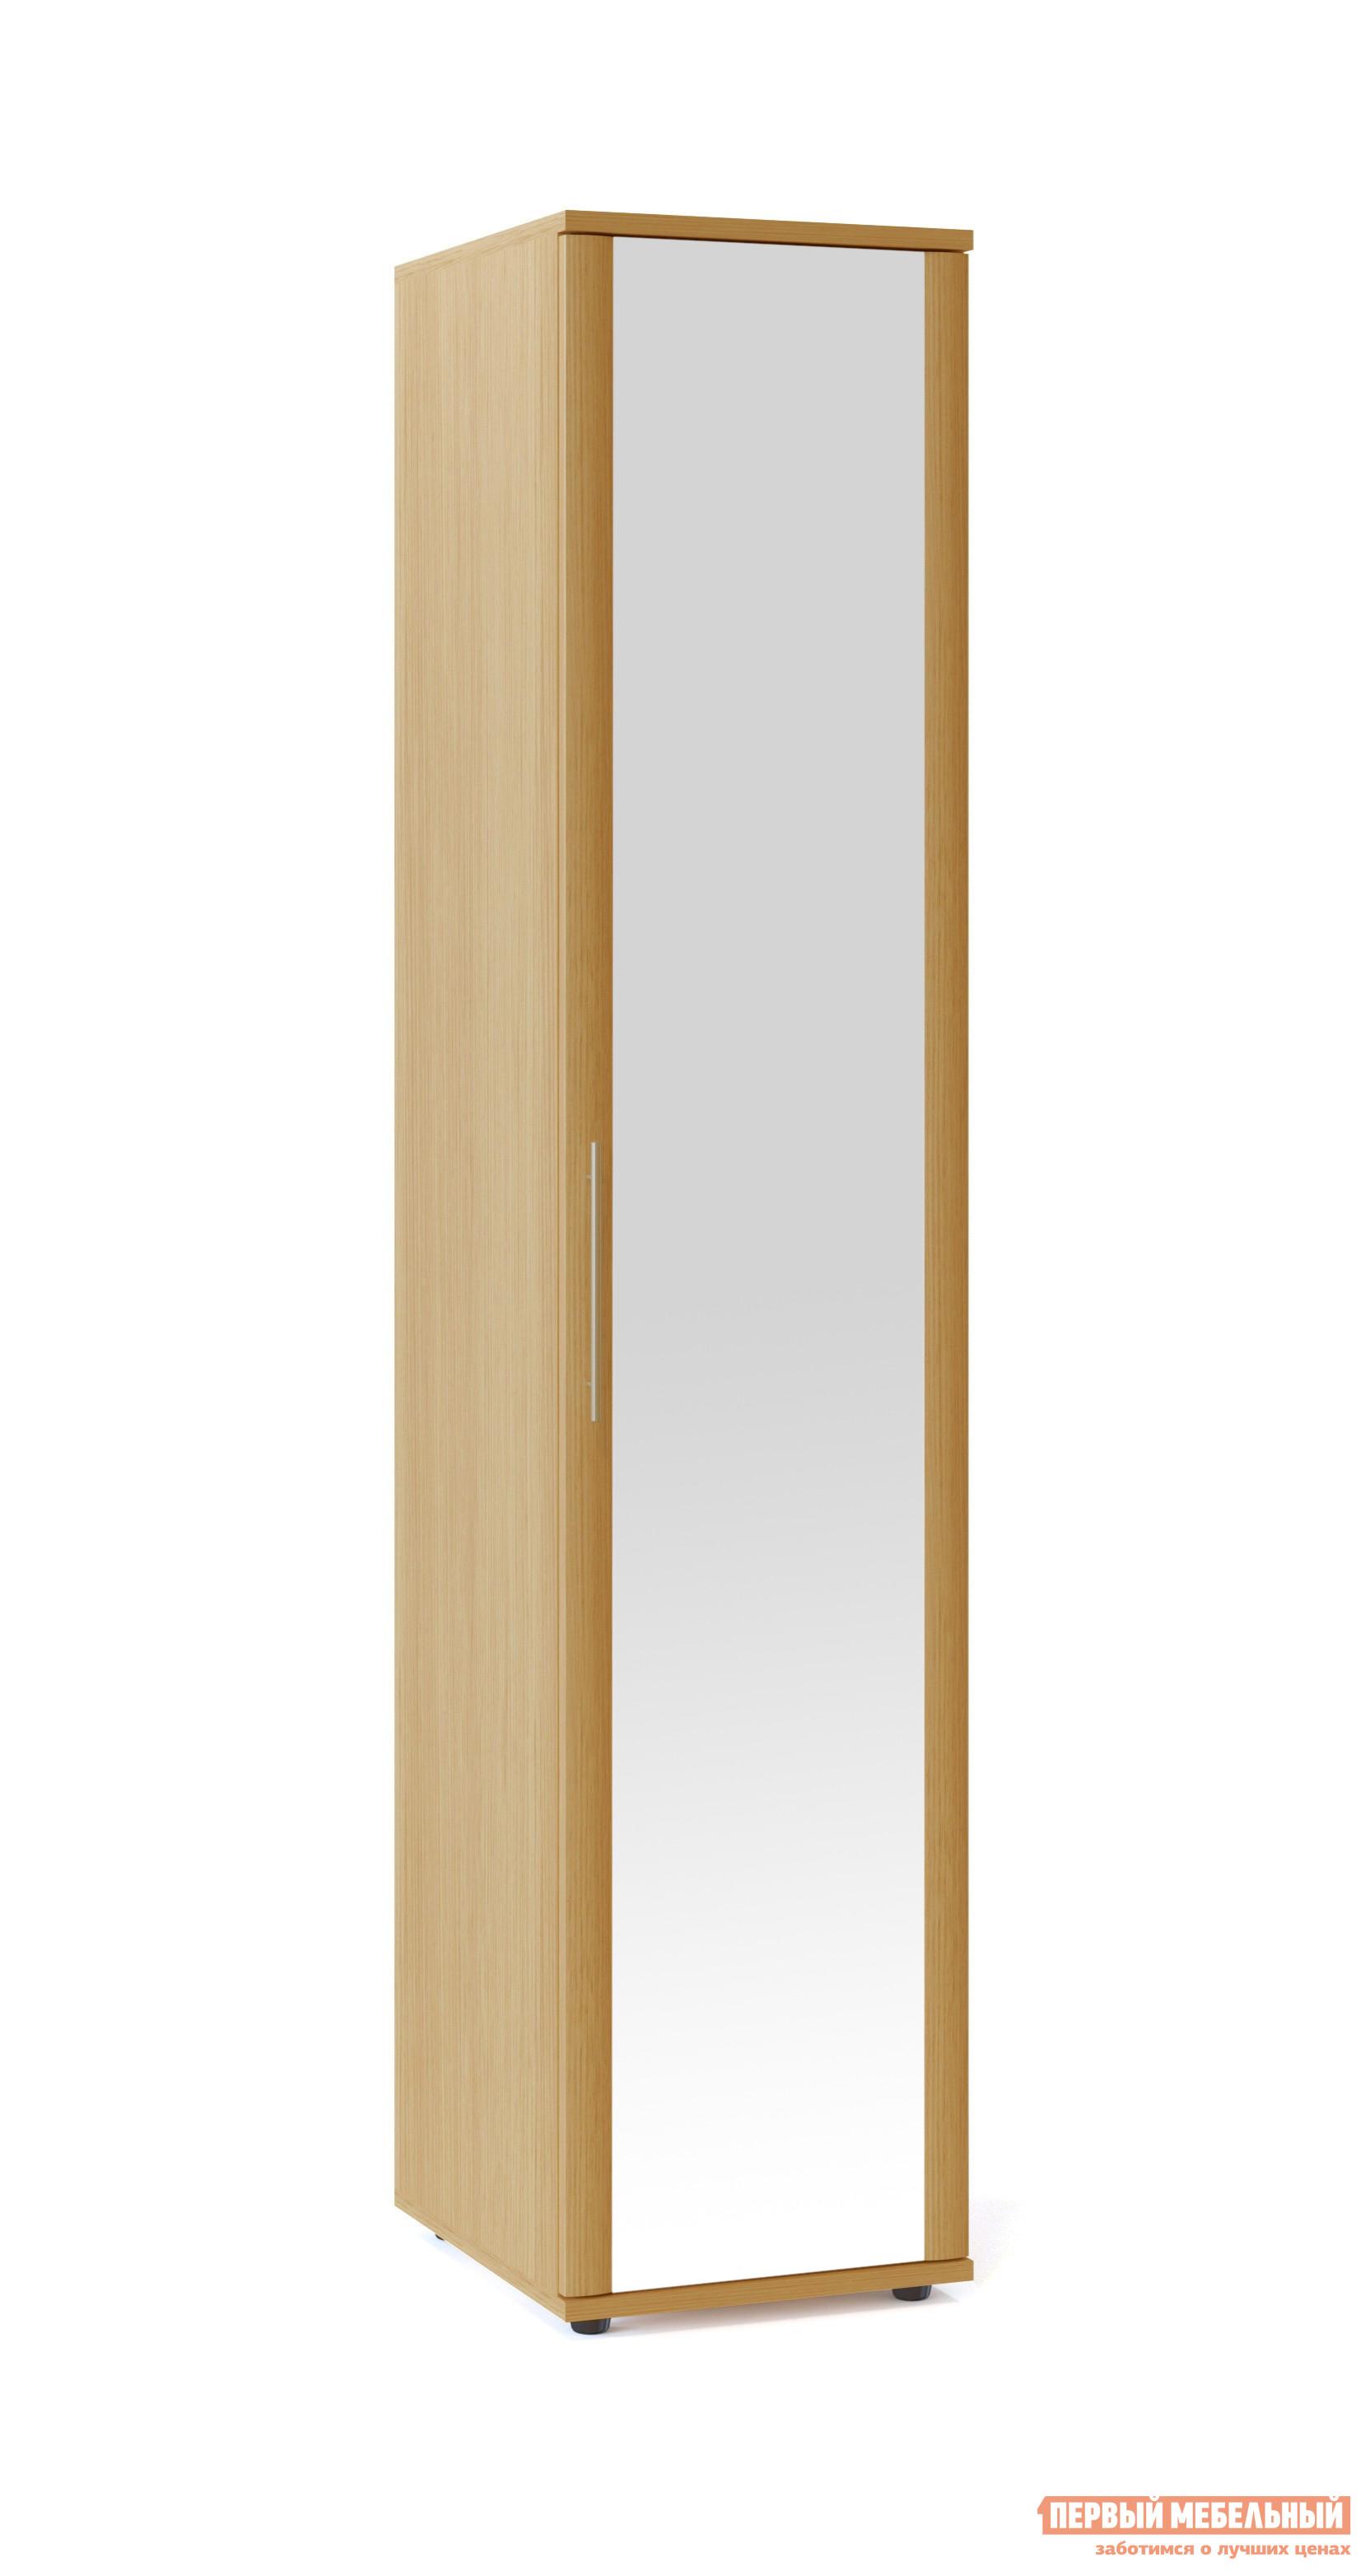 Шкаф распашной Сокол Маркес ШМ-205.1 Зеркало Ольха С, ПравыйШкафы распашные<br>Габаритные размеры ВхШхГ 2334x485x580 мм. Шкаф для одежды шириной 485 мм.  Изделие оснащается полками и штангой для одежды.  Фасад выполнен с применением накладного профиля и будет прекрасным дополнением к любому интерьеру.  Дверь шкафа распашная, дополнена зеркалом. Шкаф выполнен из высококачественного ЛДСП толщиной 16 и 22 мм и оснащен надежной импортной фурнитурой, отлично зарекомендовавшей себя в течение длительной эксплуатации. Кромка на основе ПВХ толщиной 0,4 мм защитит торцы изделий от сколов и повреждений, вызванных неосторожным обращением. Рекомендуем сохранить инструкцию по сборке (паспорт изделия) до истечения гарантийного срока.<br><br>Цвет: Светлое дерево<br>Высота мм: 2334<br>Ширина мм: 485<br>Глубина мм: 580<br>Кол-во упаковок: 2<br>Форма поставки: В разобранном виде<br>Срок гарантии: 2 года<br>Тип: Прямые<br>Материал: Дерево<br>Материал: ЛДСП<br>Размер: Однодверные<br>С зеркалом: Да